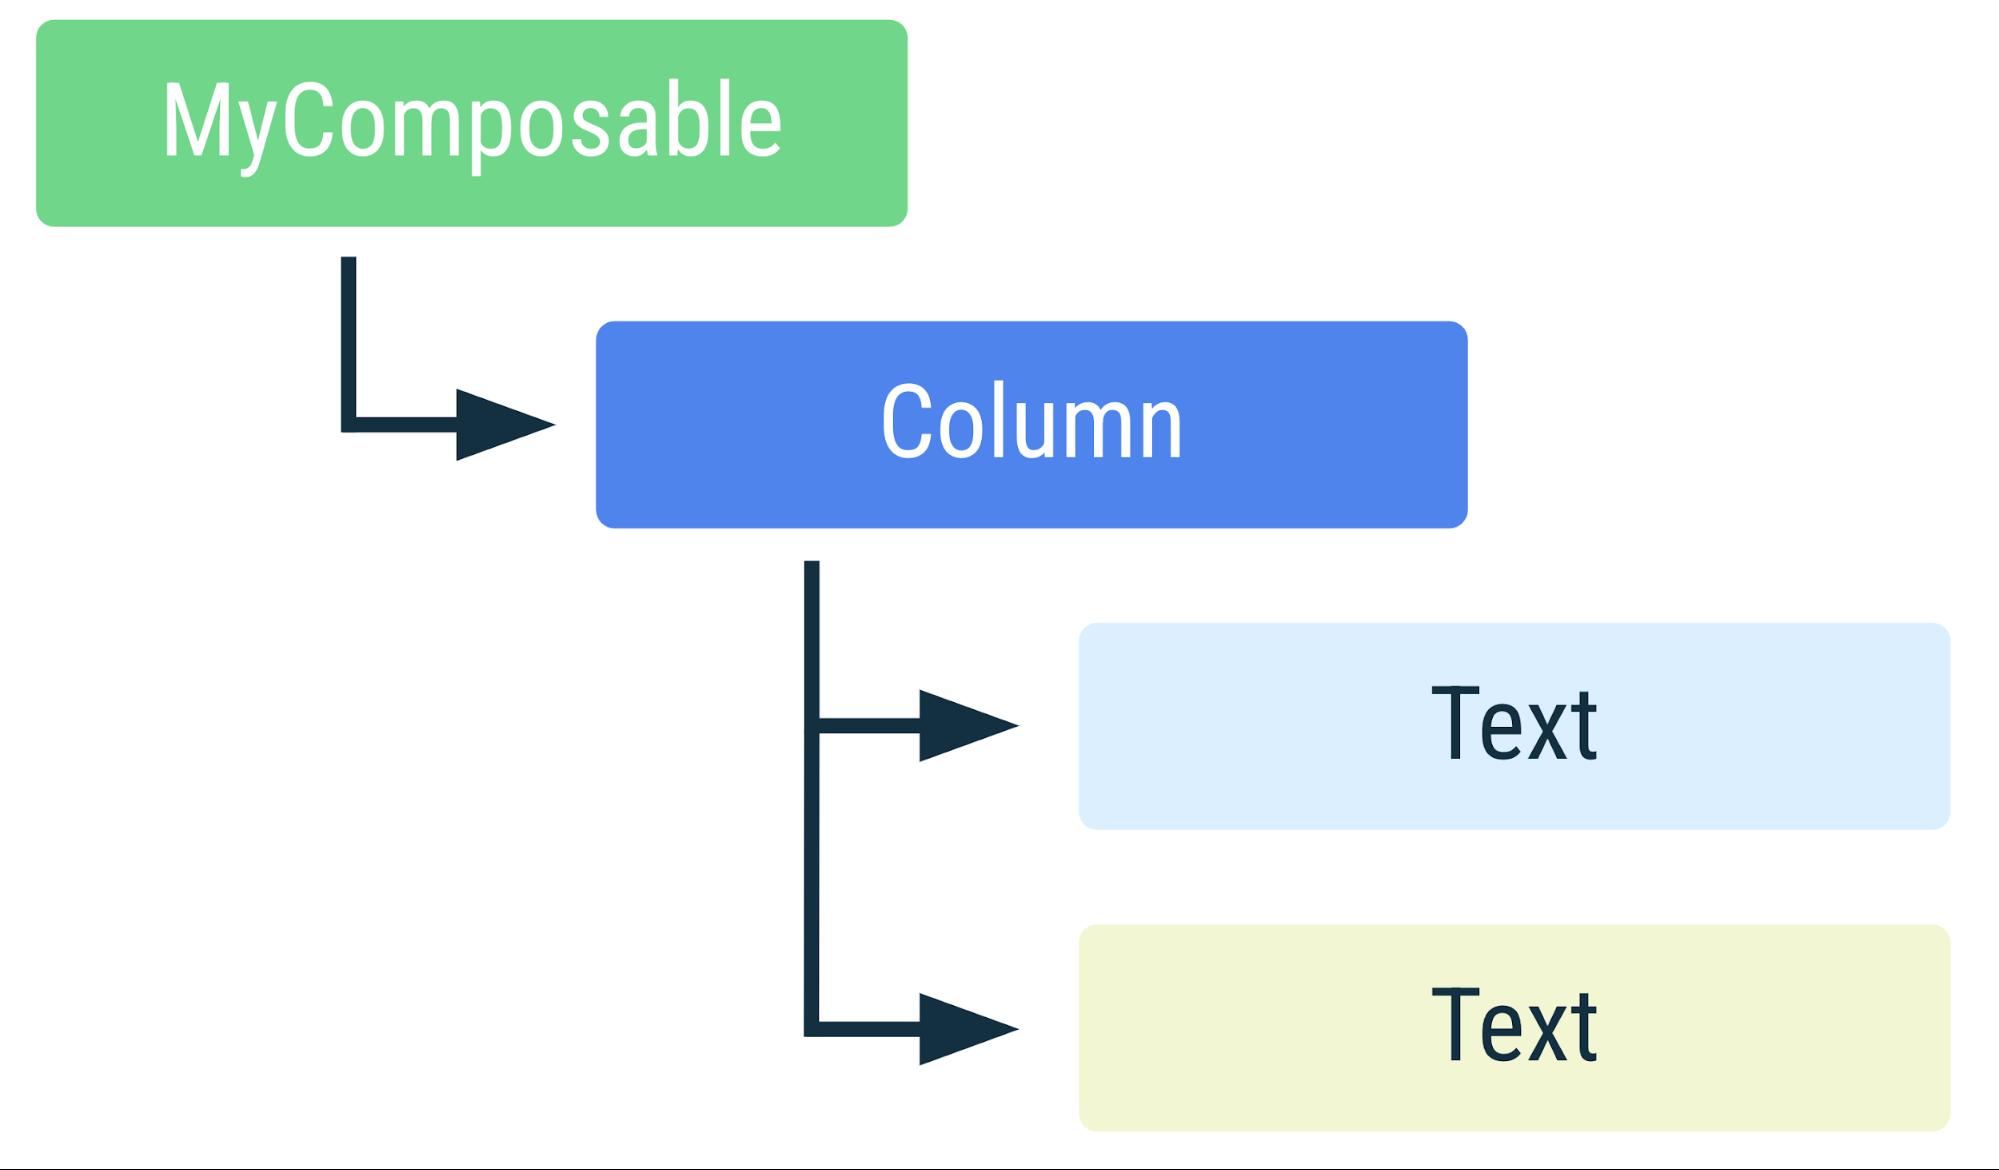 이전 코드 스니펫 내 요소의 계층적 배열을 보여주는 다이어그램